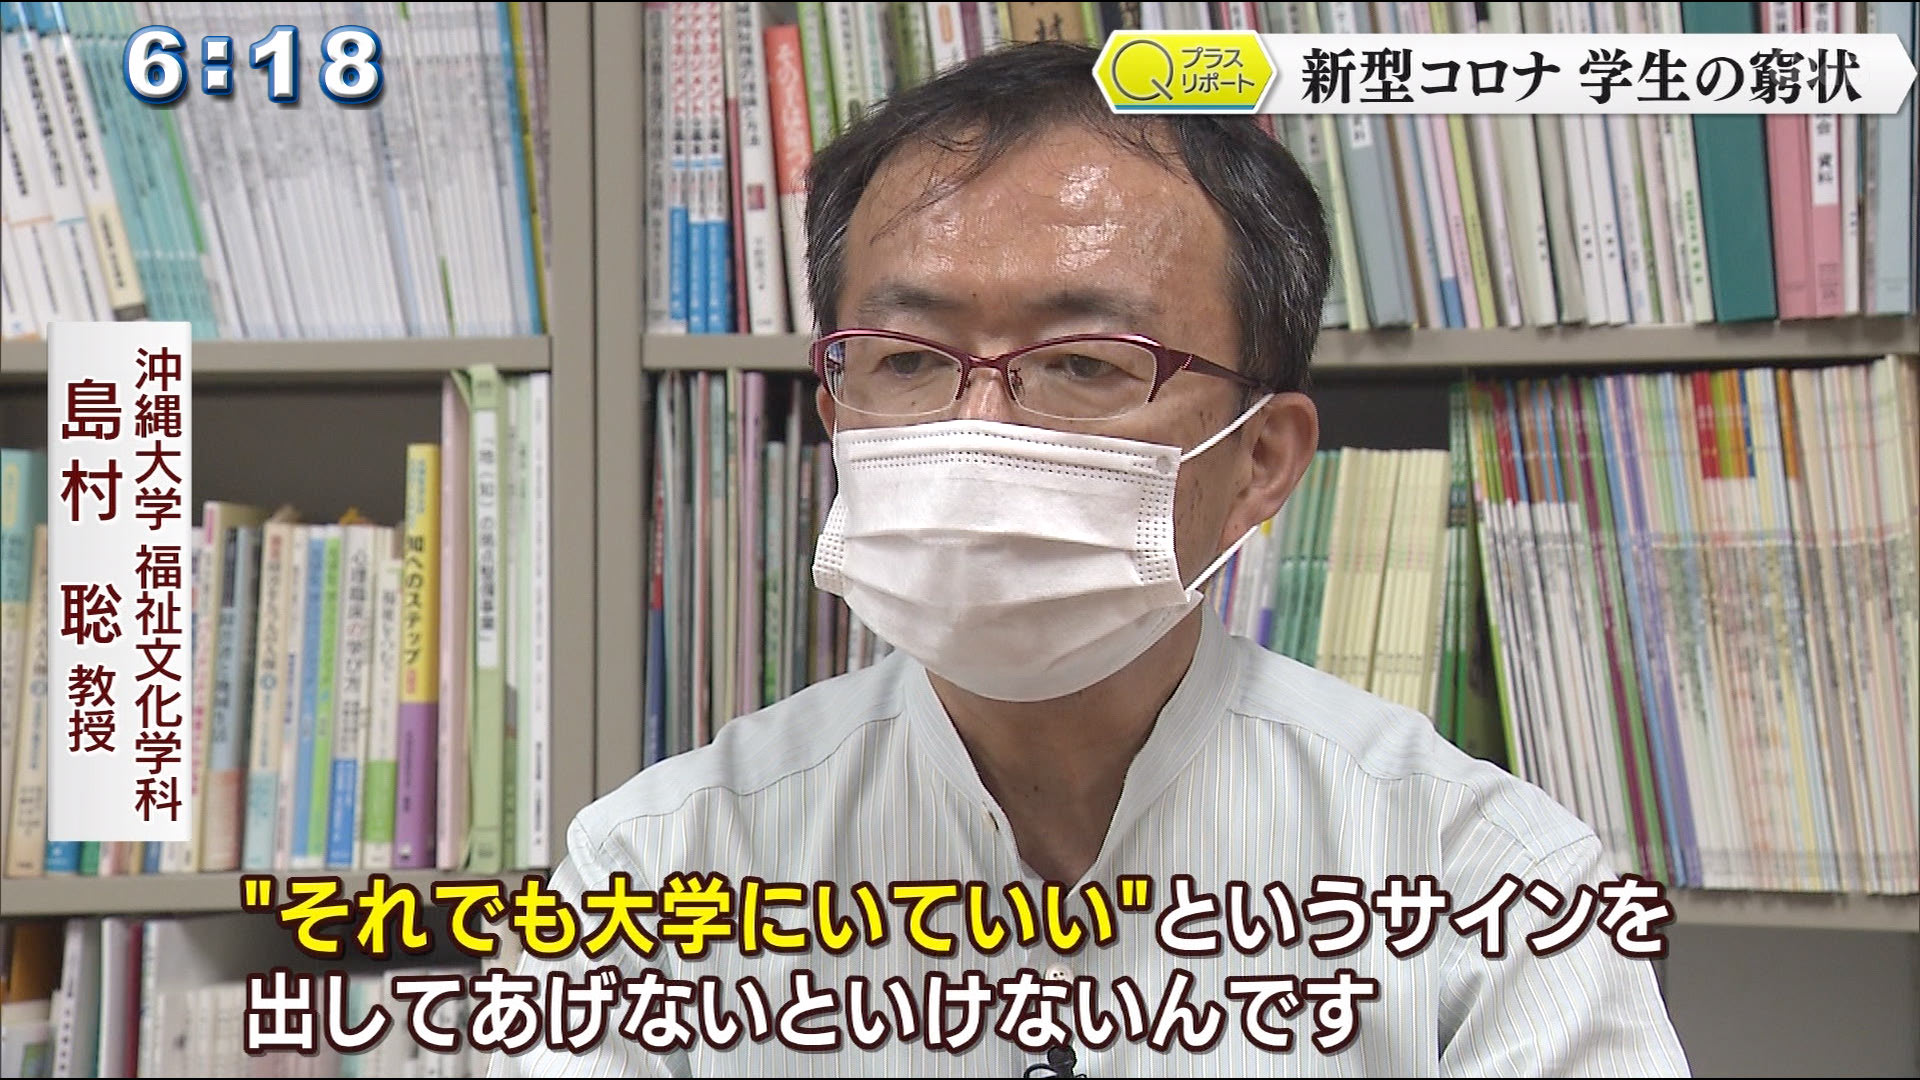 """コロナと闘う """"コロナ休学""""も!?学生たちのSOS"""